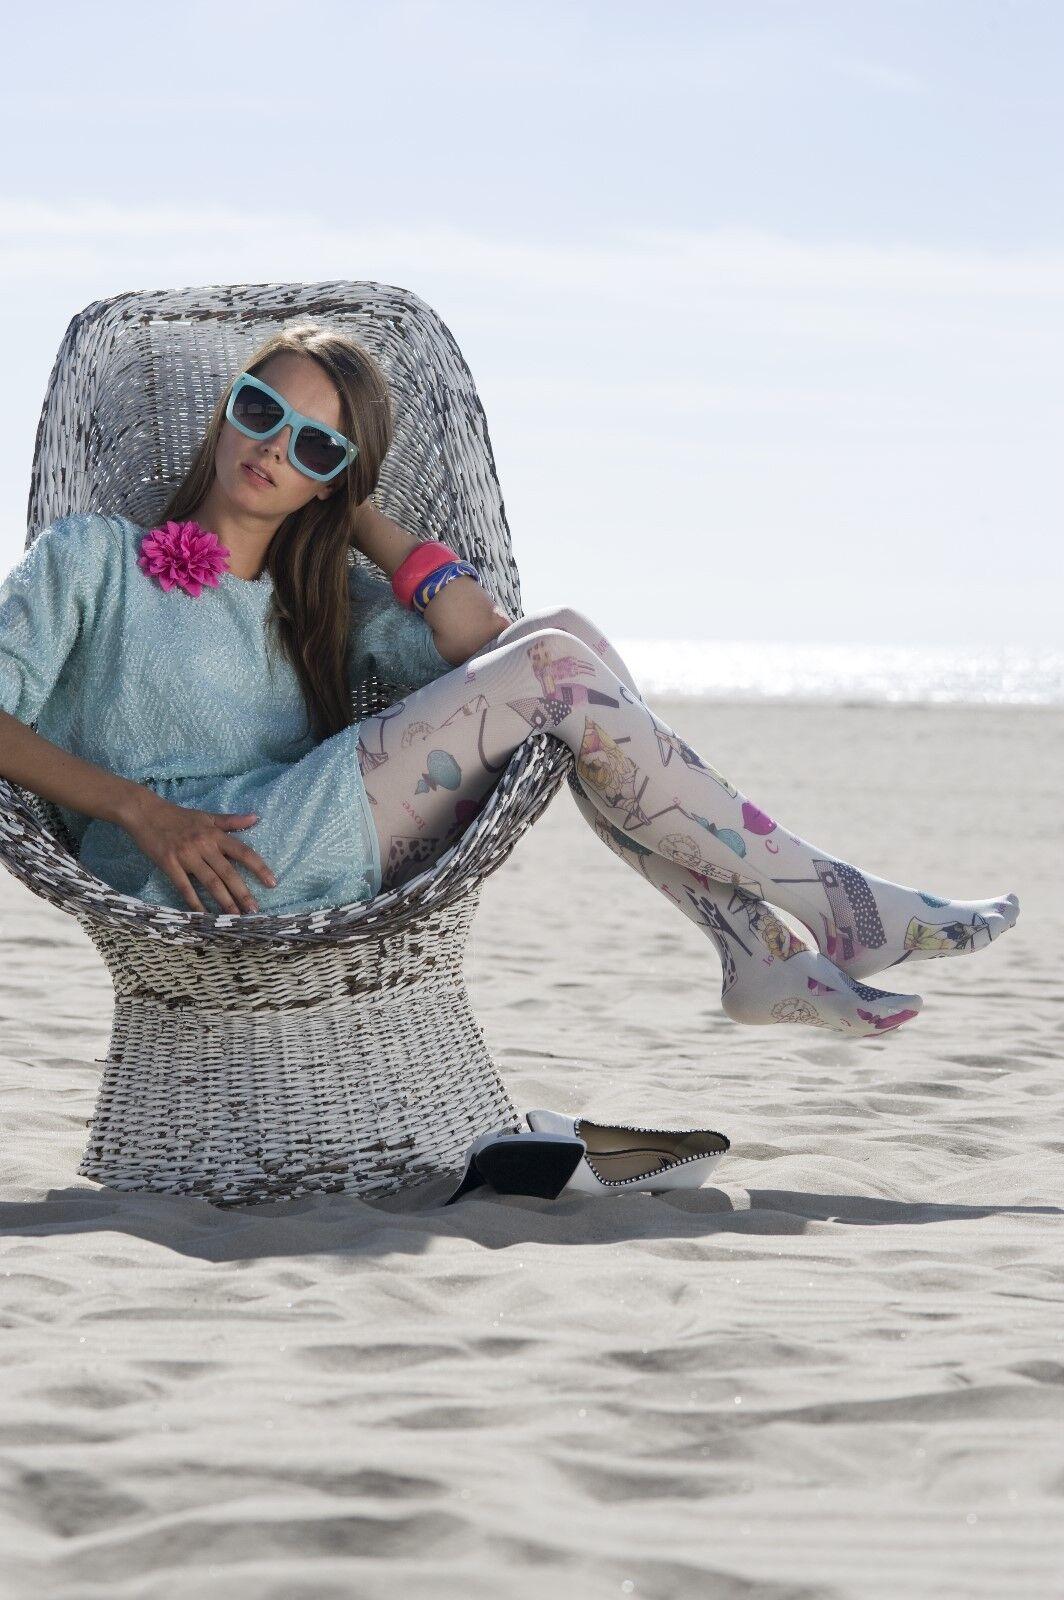 Bonnie Doon Strumpfhose Modell: GET DRESSED TIGHTS Gr. M Neu 50 DEN